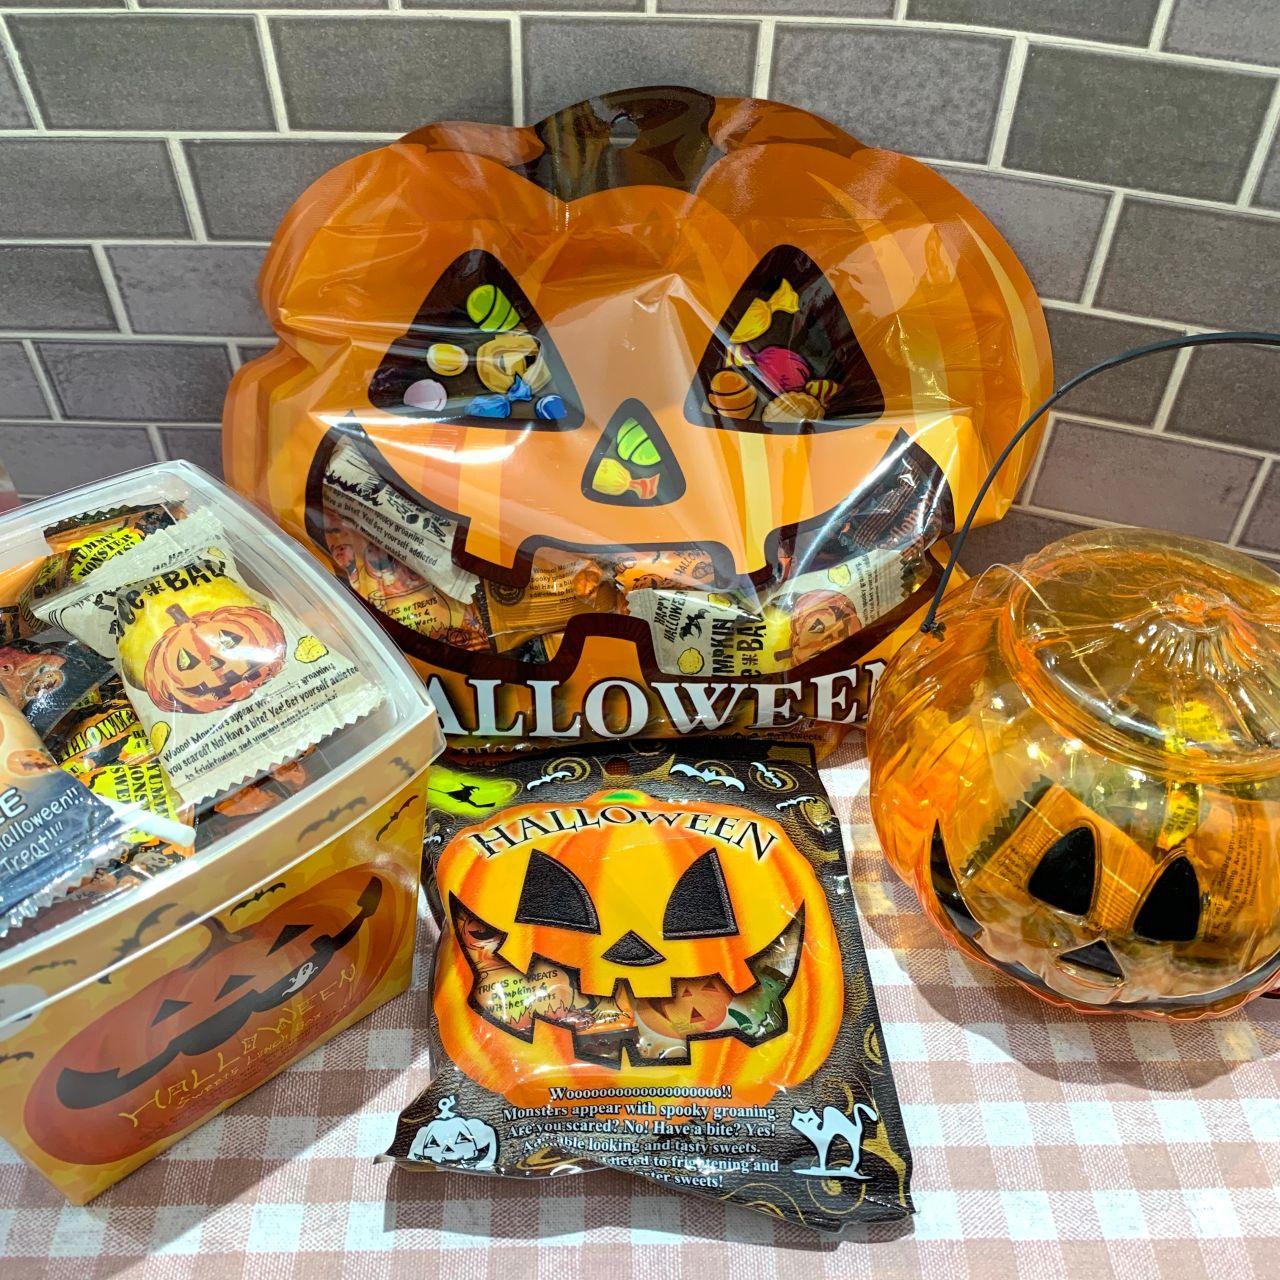 「〇もうすぐハロウィン!配れるお菓子集めました〇」の写真